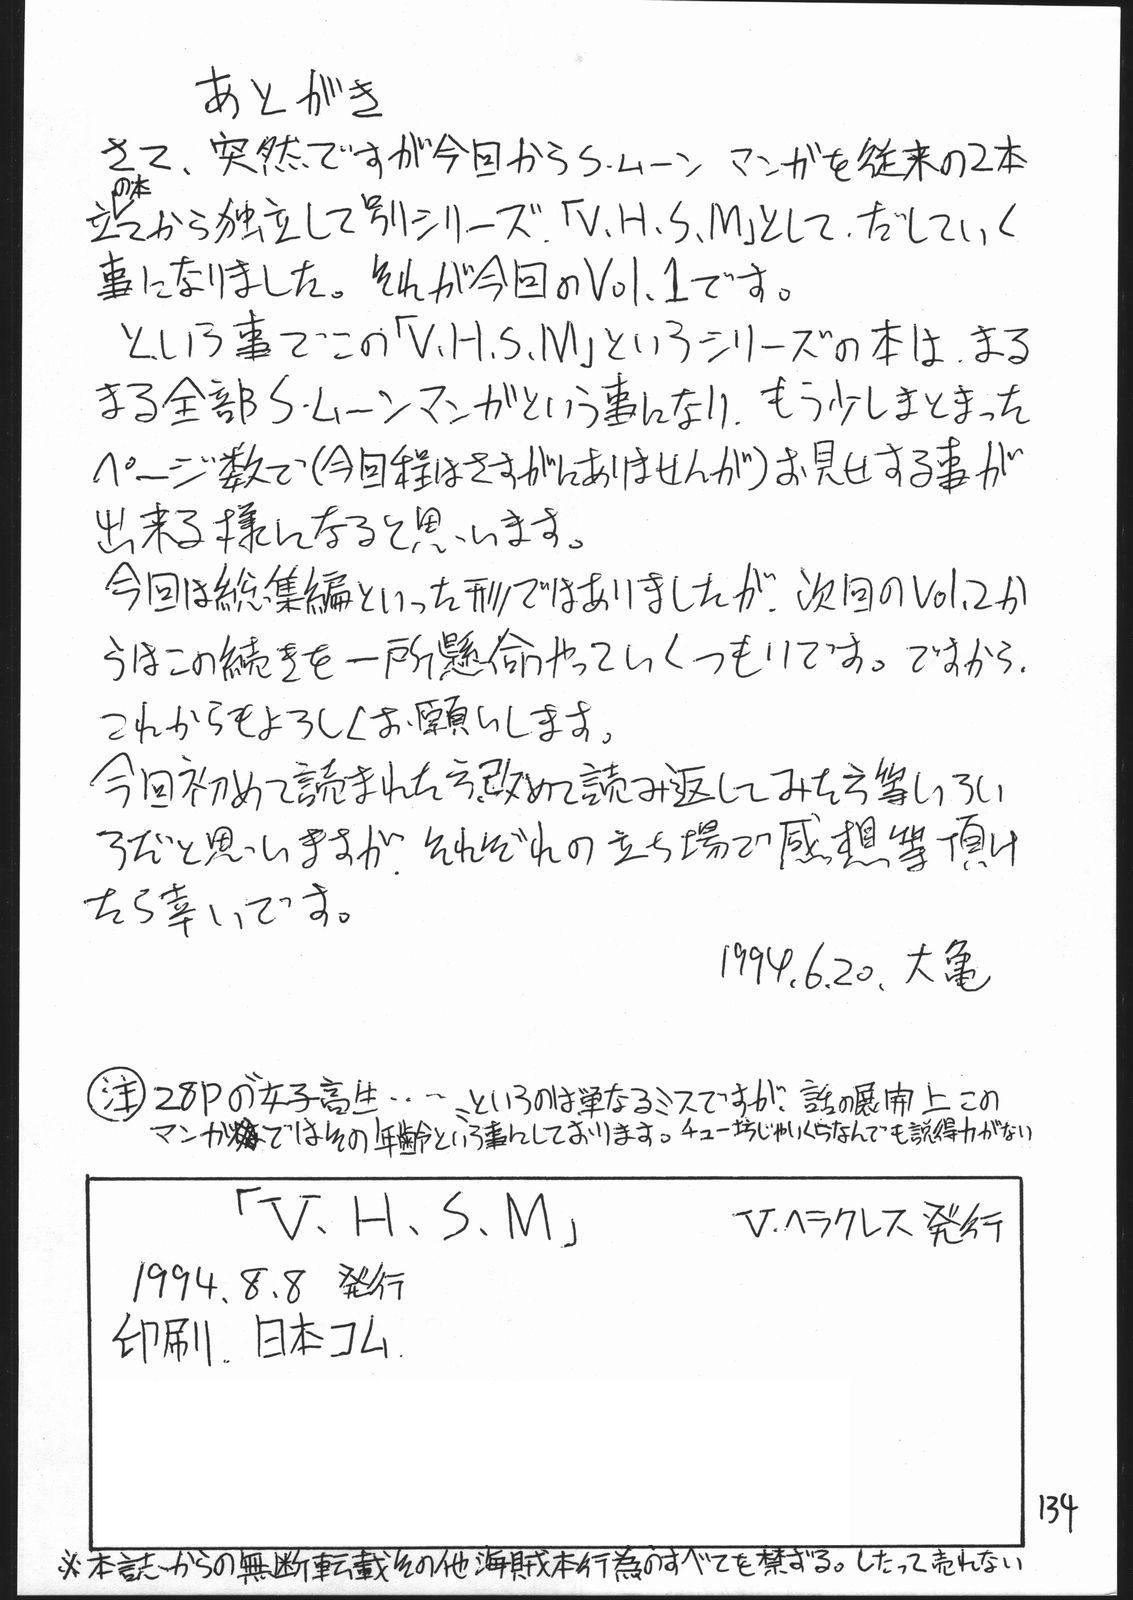 V・H・S・M Vol. 1 132